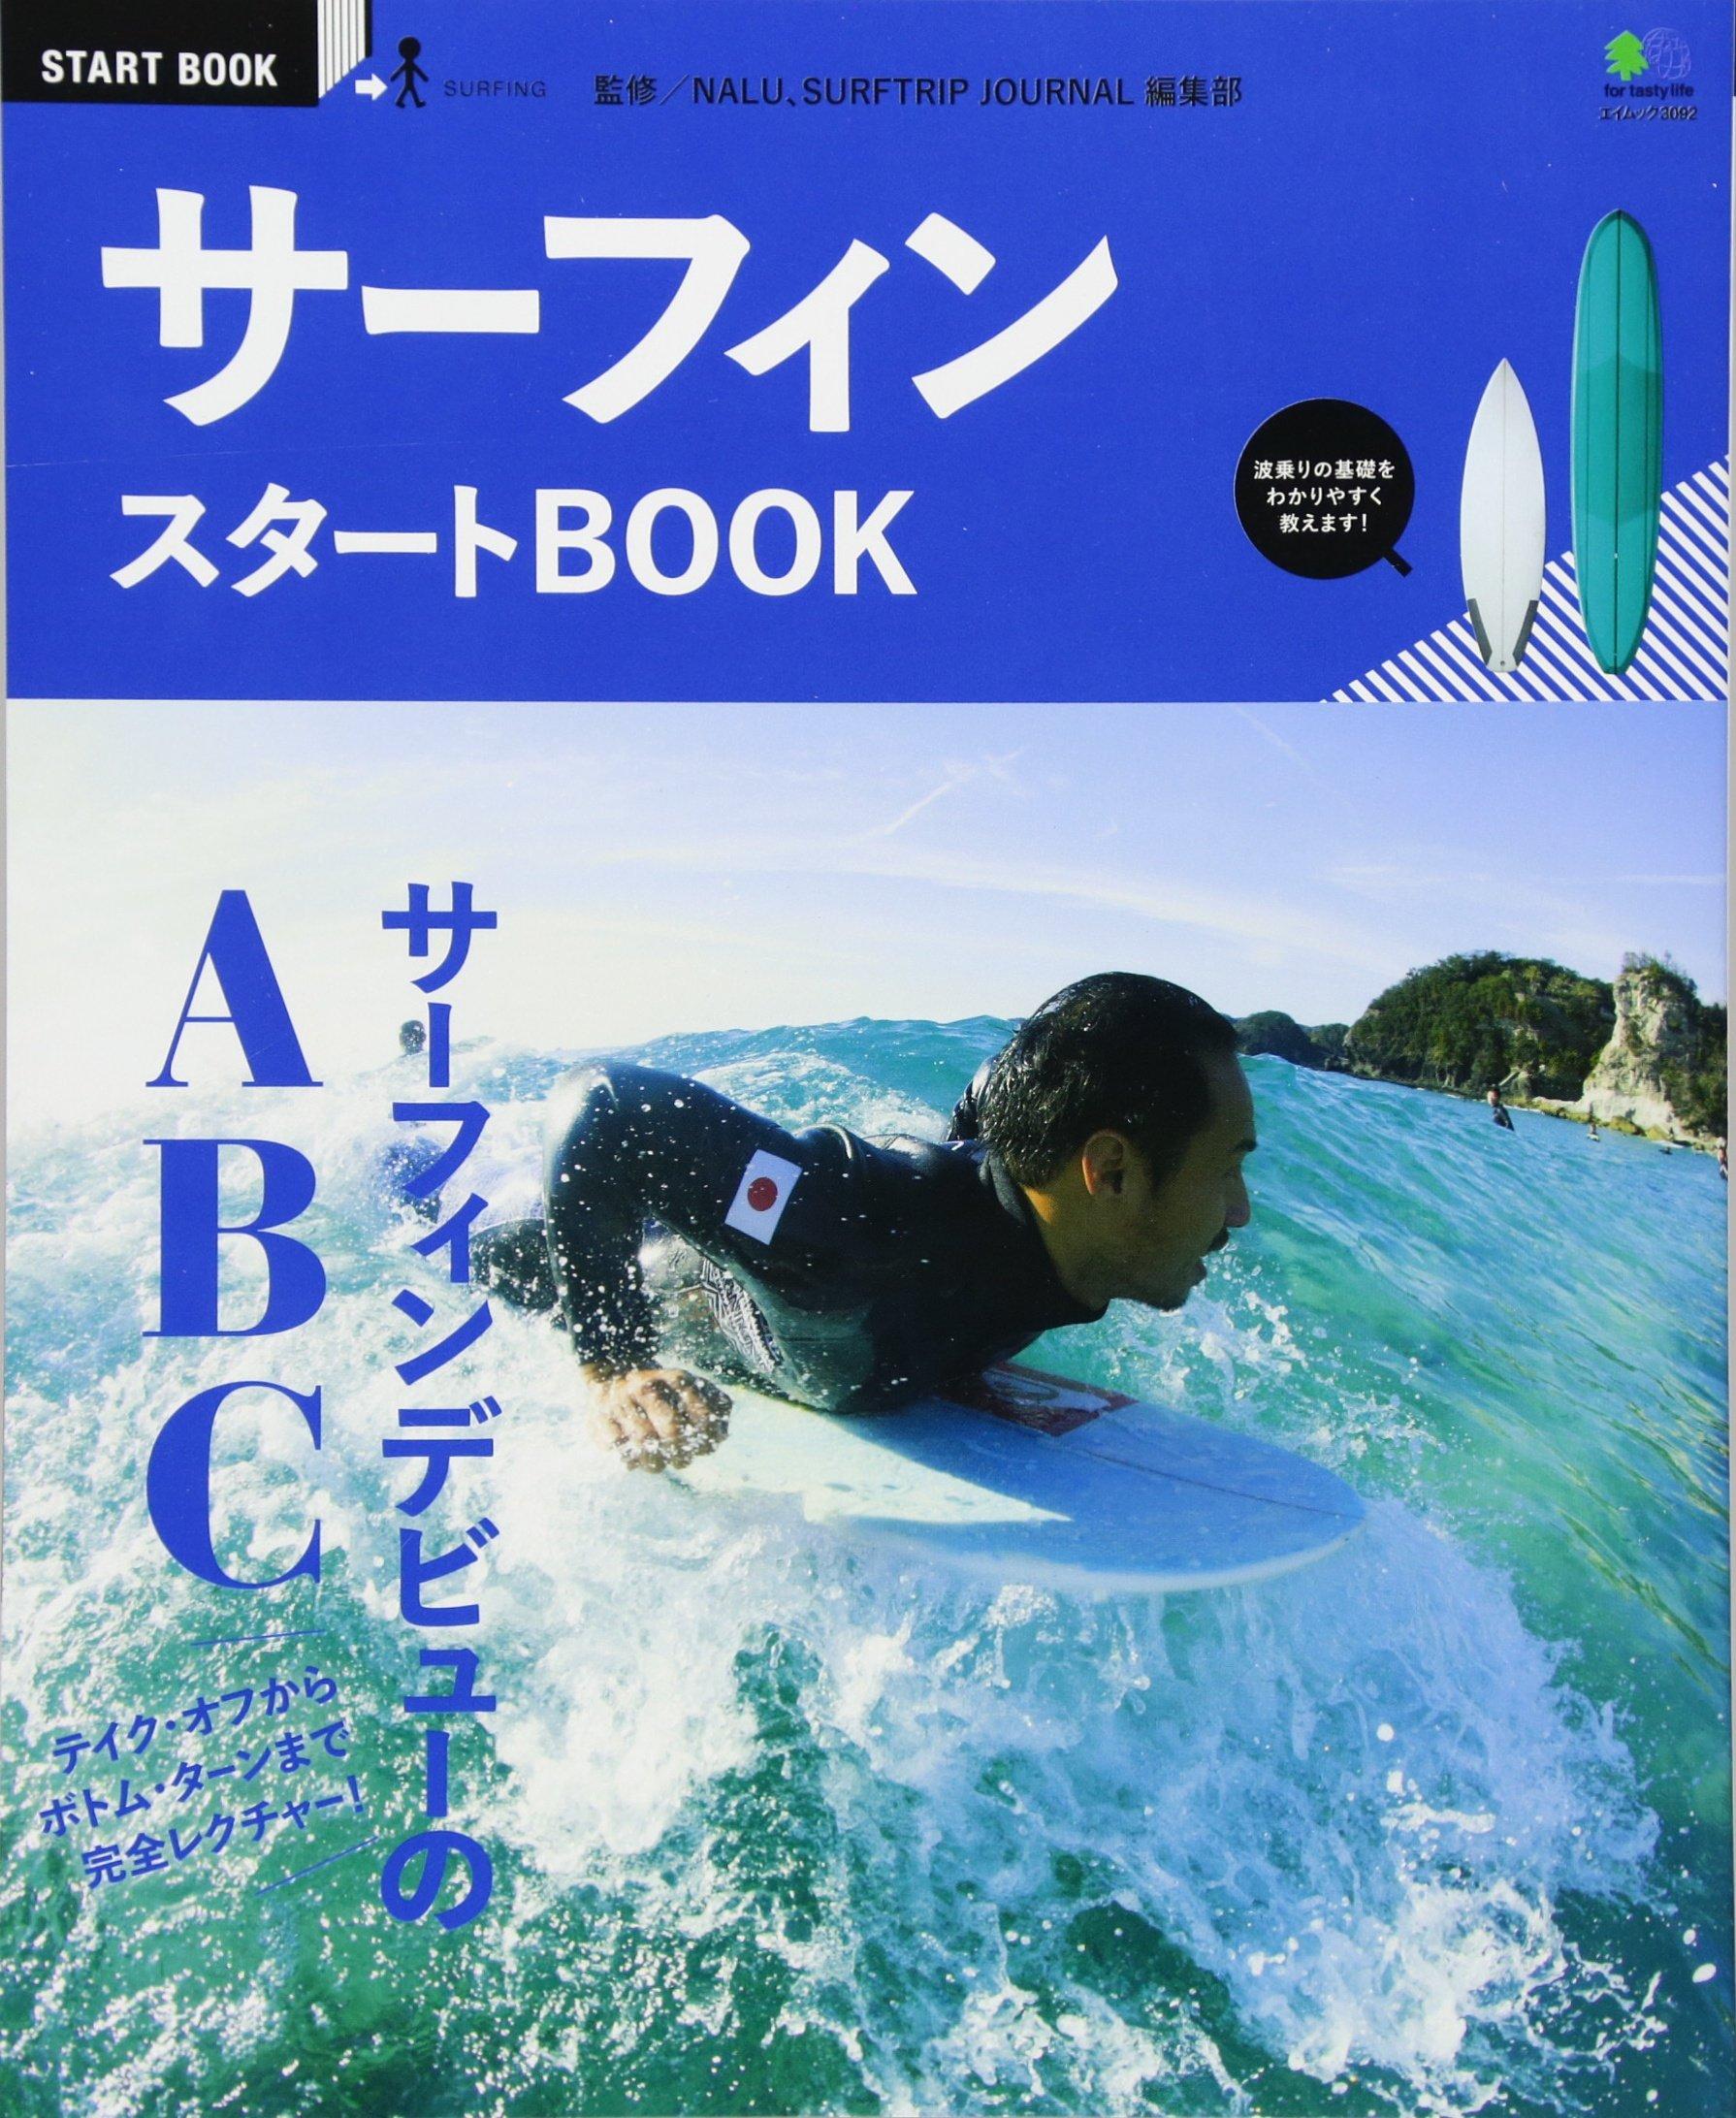 「サーフィンスタートBOOK」(エイ出版社)